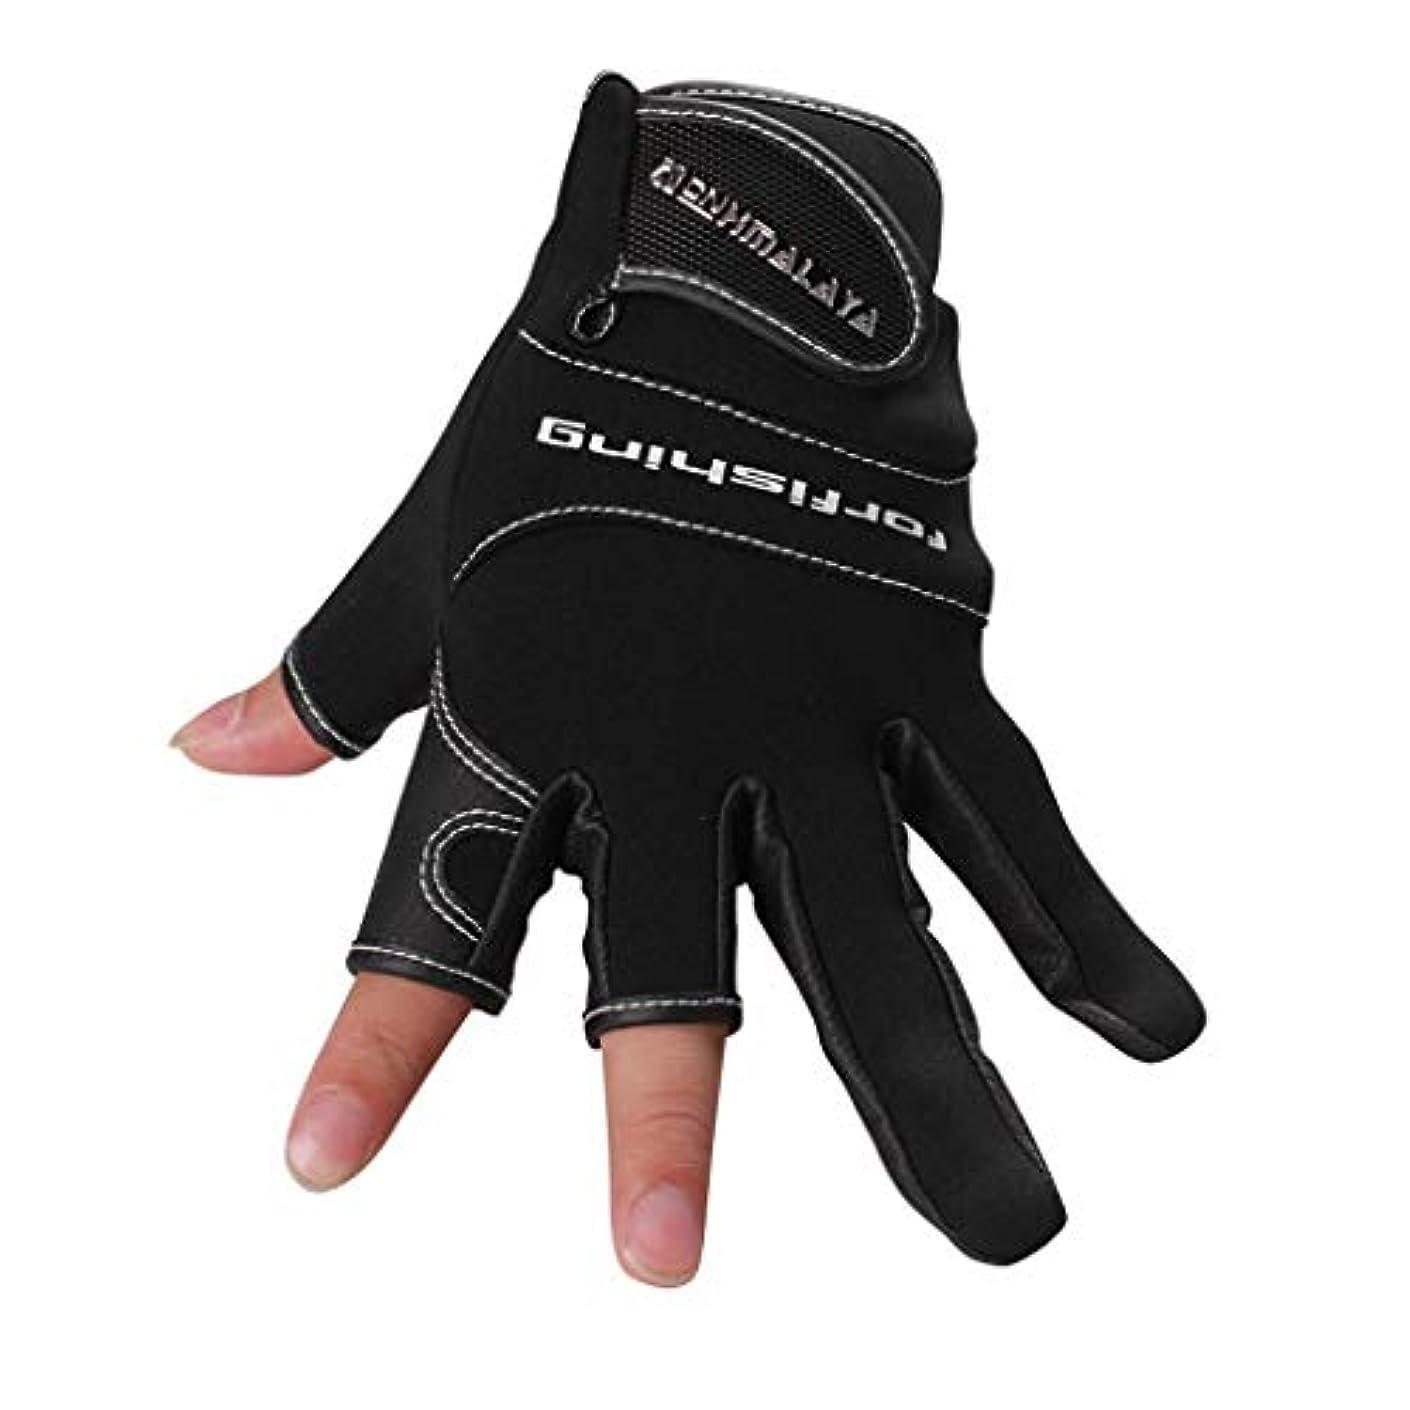 ホイール幅代わりにを立てるJCCOZ アウトドアスポーツグローブ、登山フィットネスに適した防水性で 暖かい釣り用の露3本指グローブ (Color : Black, Size : Xl)